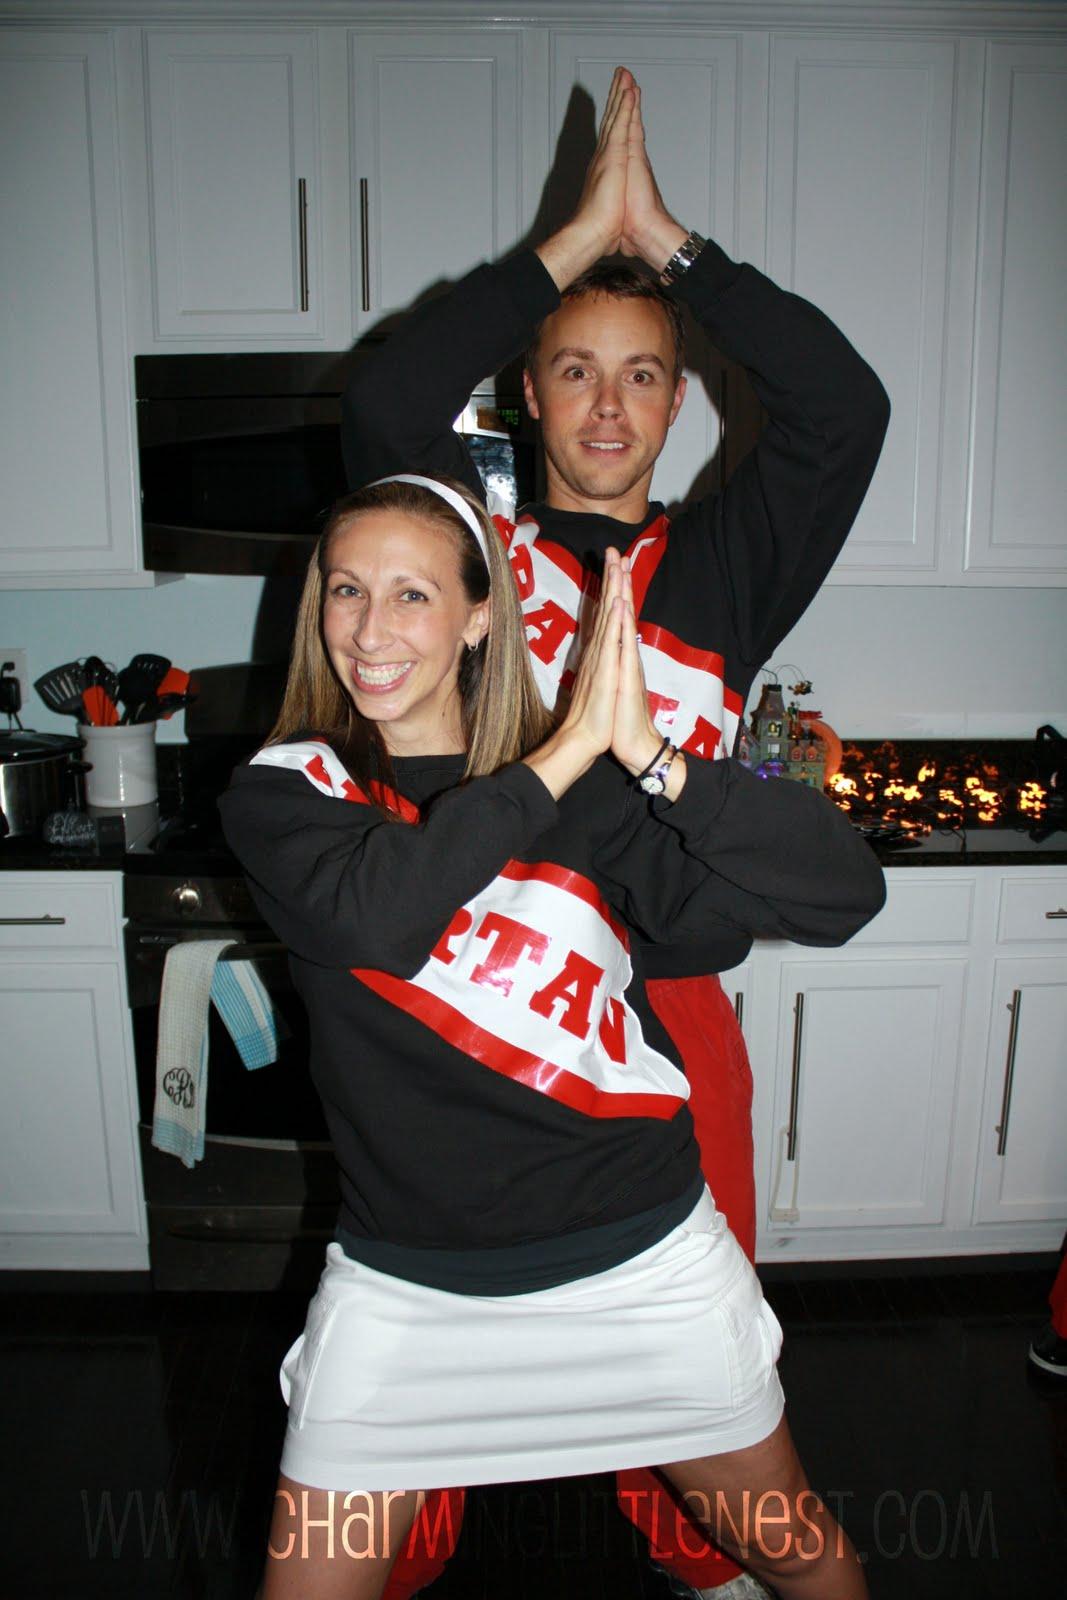 sc 1 st  Bake Bop & Adult Spartan Cheerleader Outfit Cheerleader costumes t